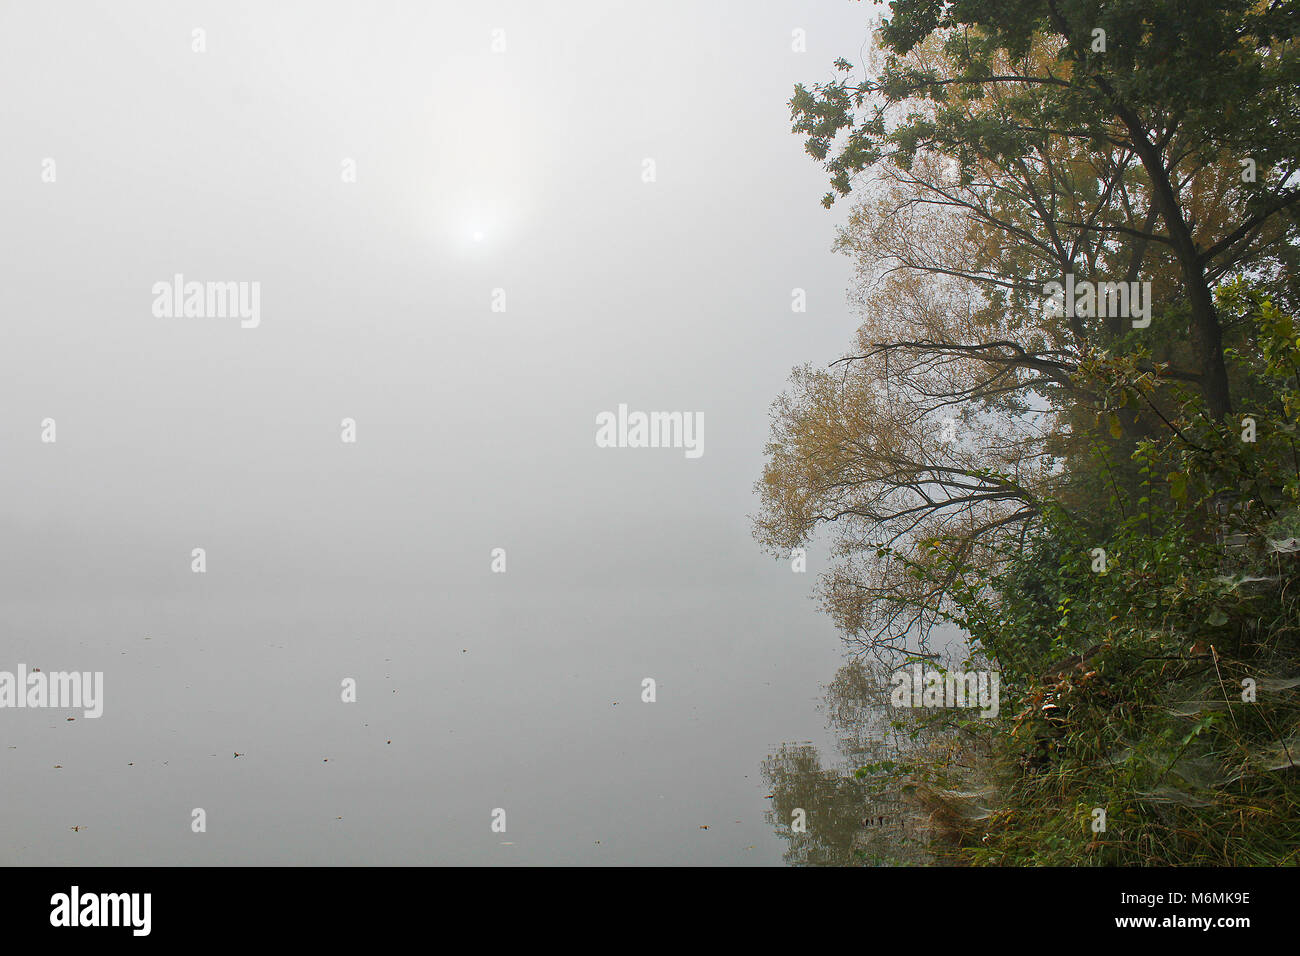 Brouillard brumeux sur étang avec soleil et arbres, paysage tchèque Banque D'Images